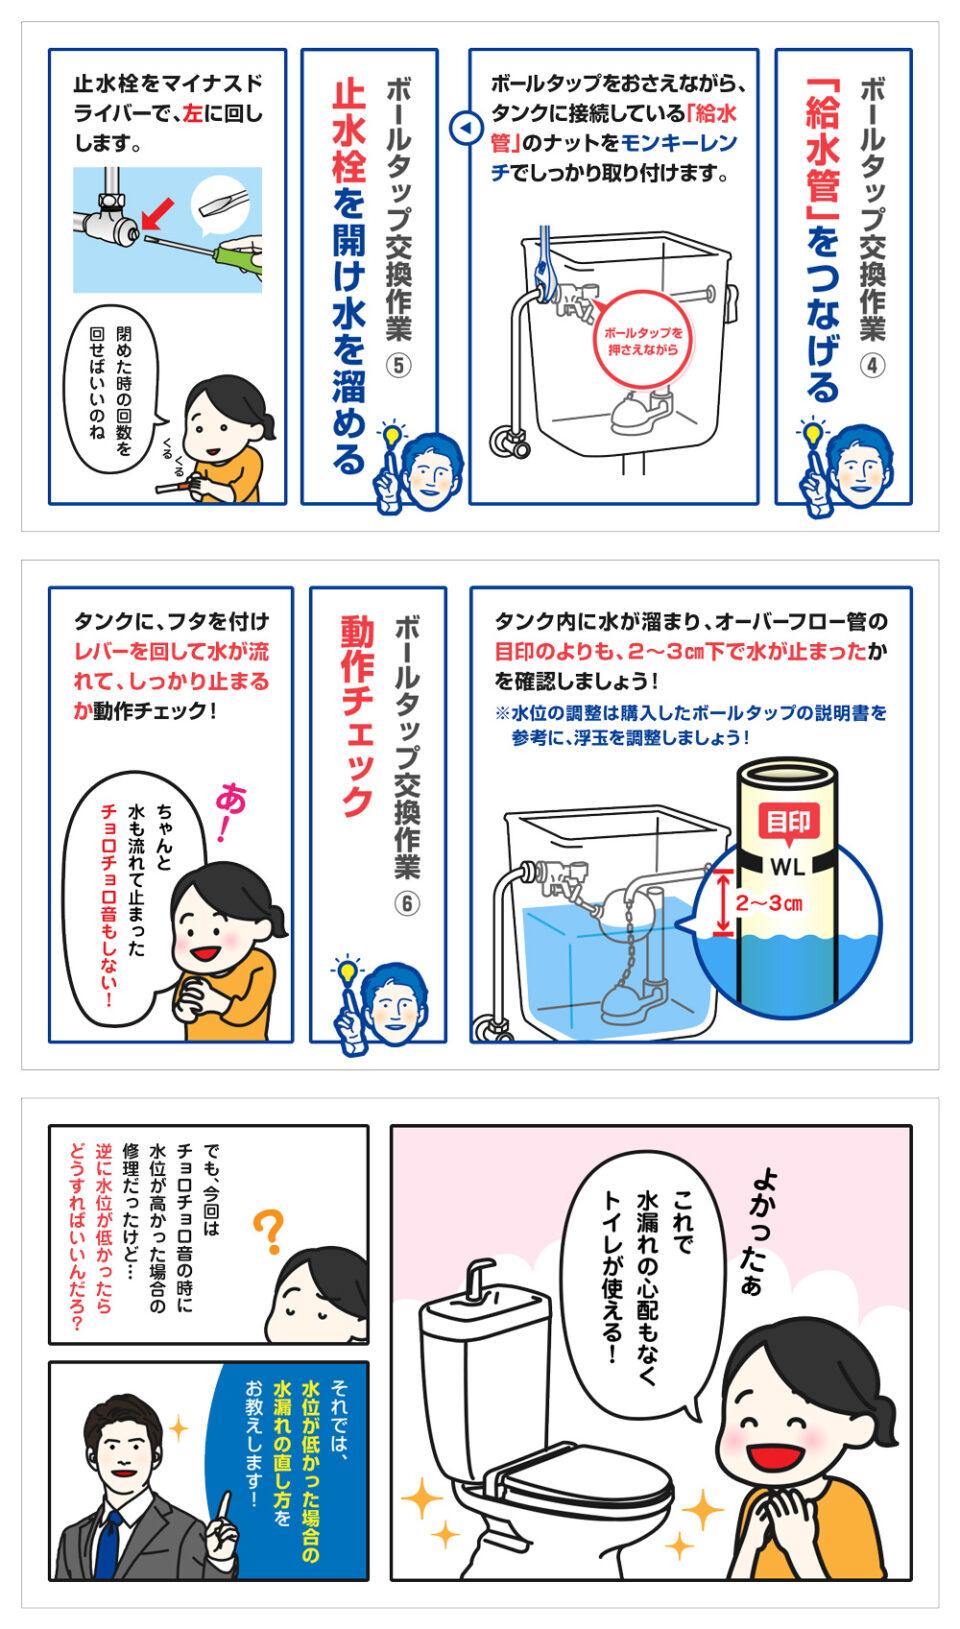 トイレタンクの水漏れ修理方法-7